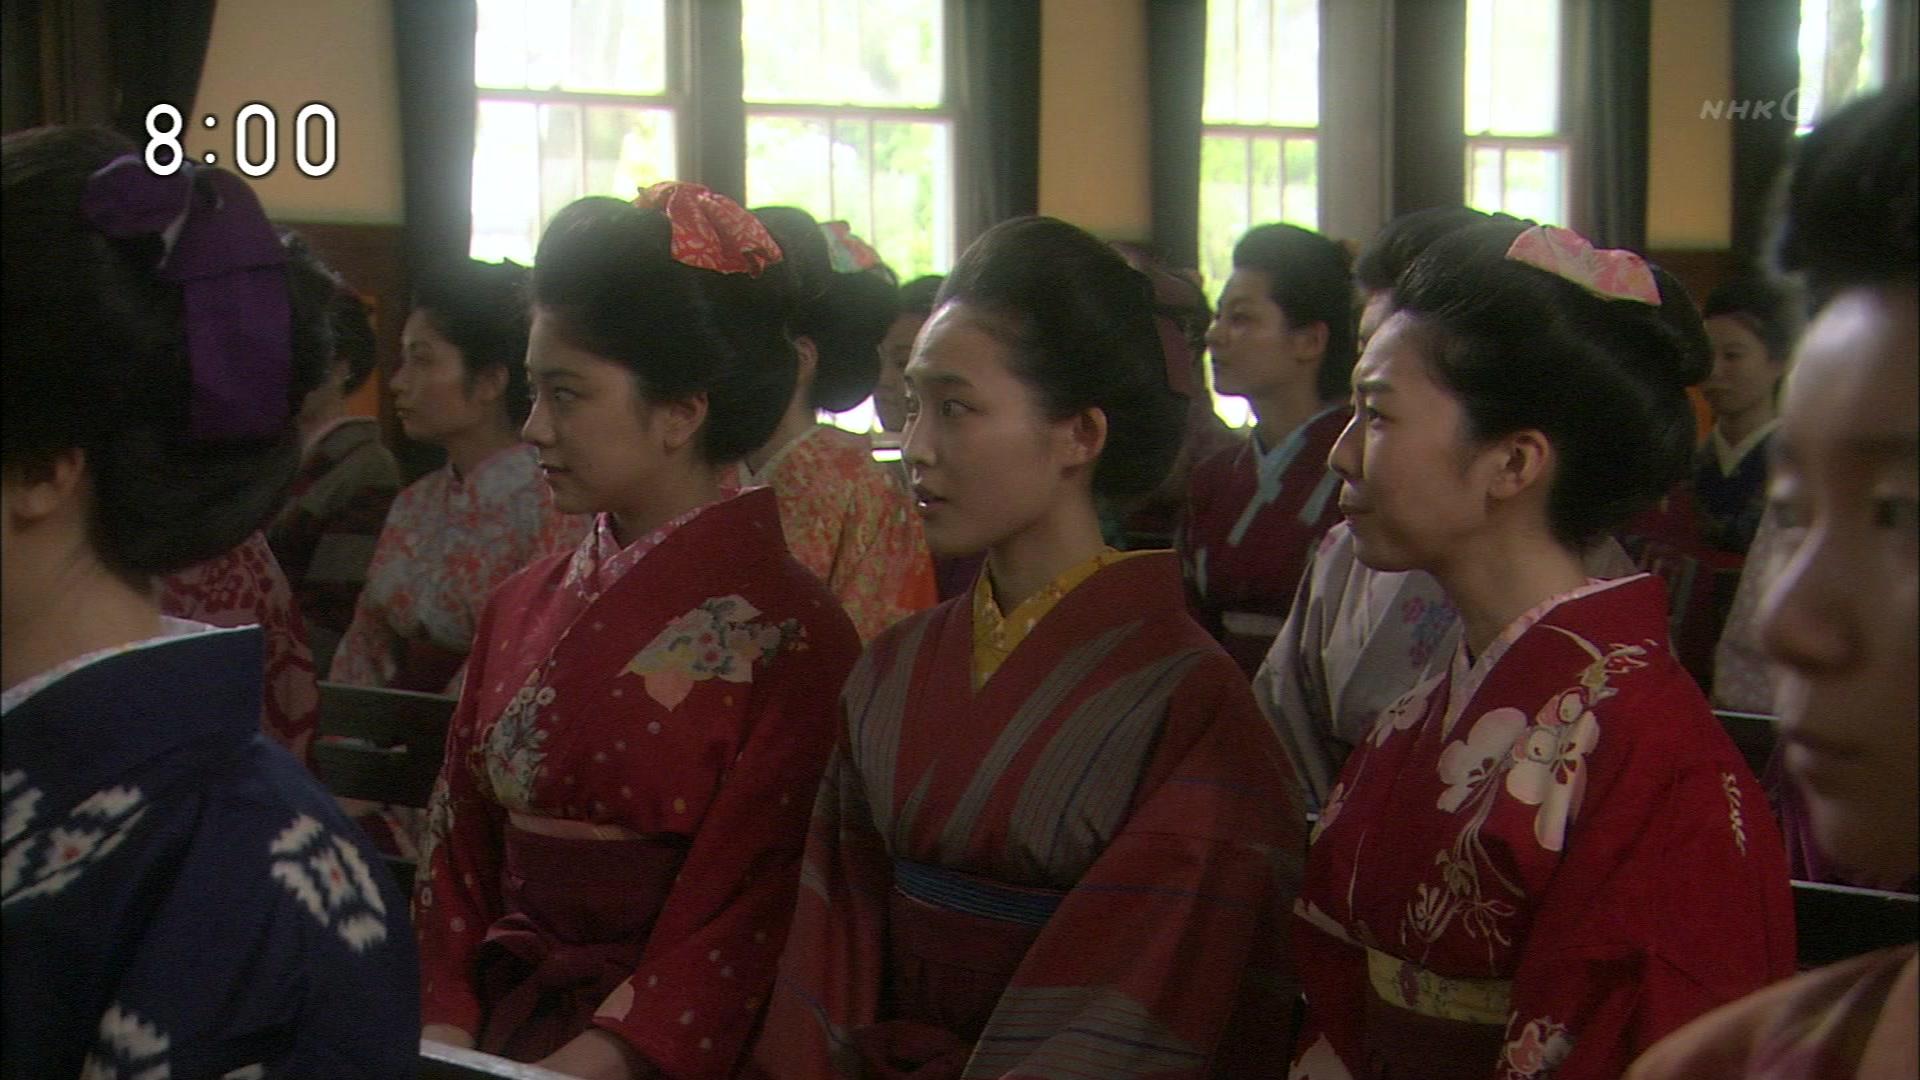 2015-09-28 08:00 連続テレビ小説 あさが来た(1)「小さな許嫁(いいなずけ)」 01195